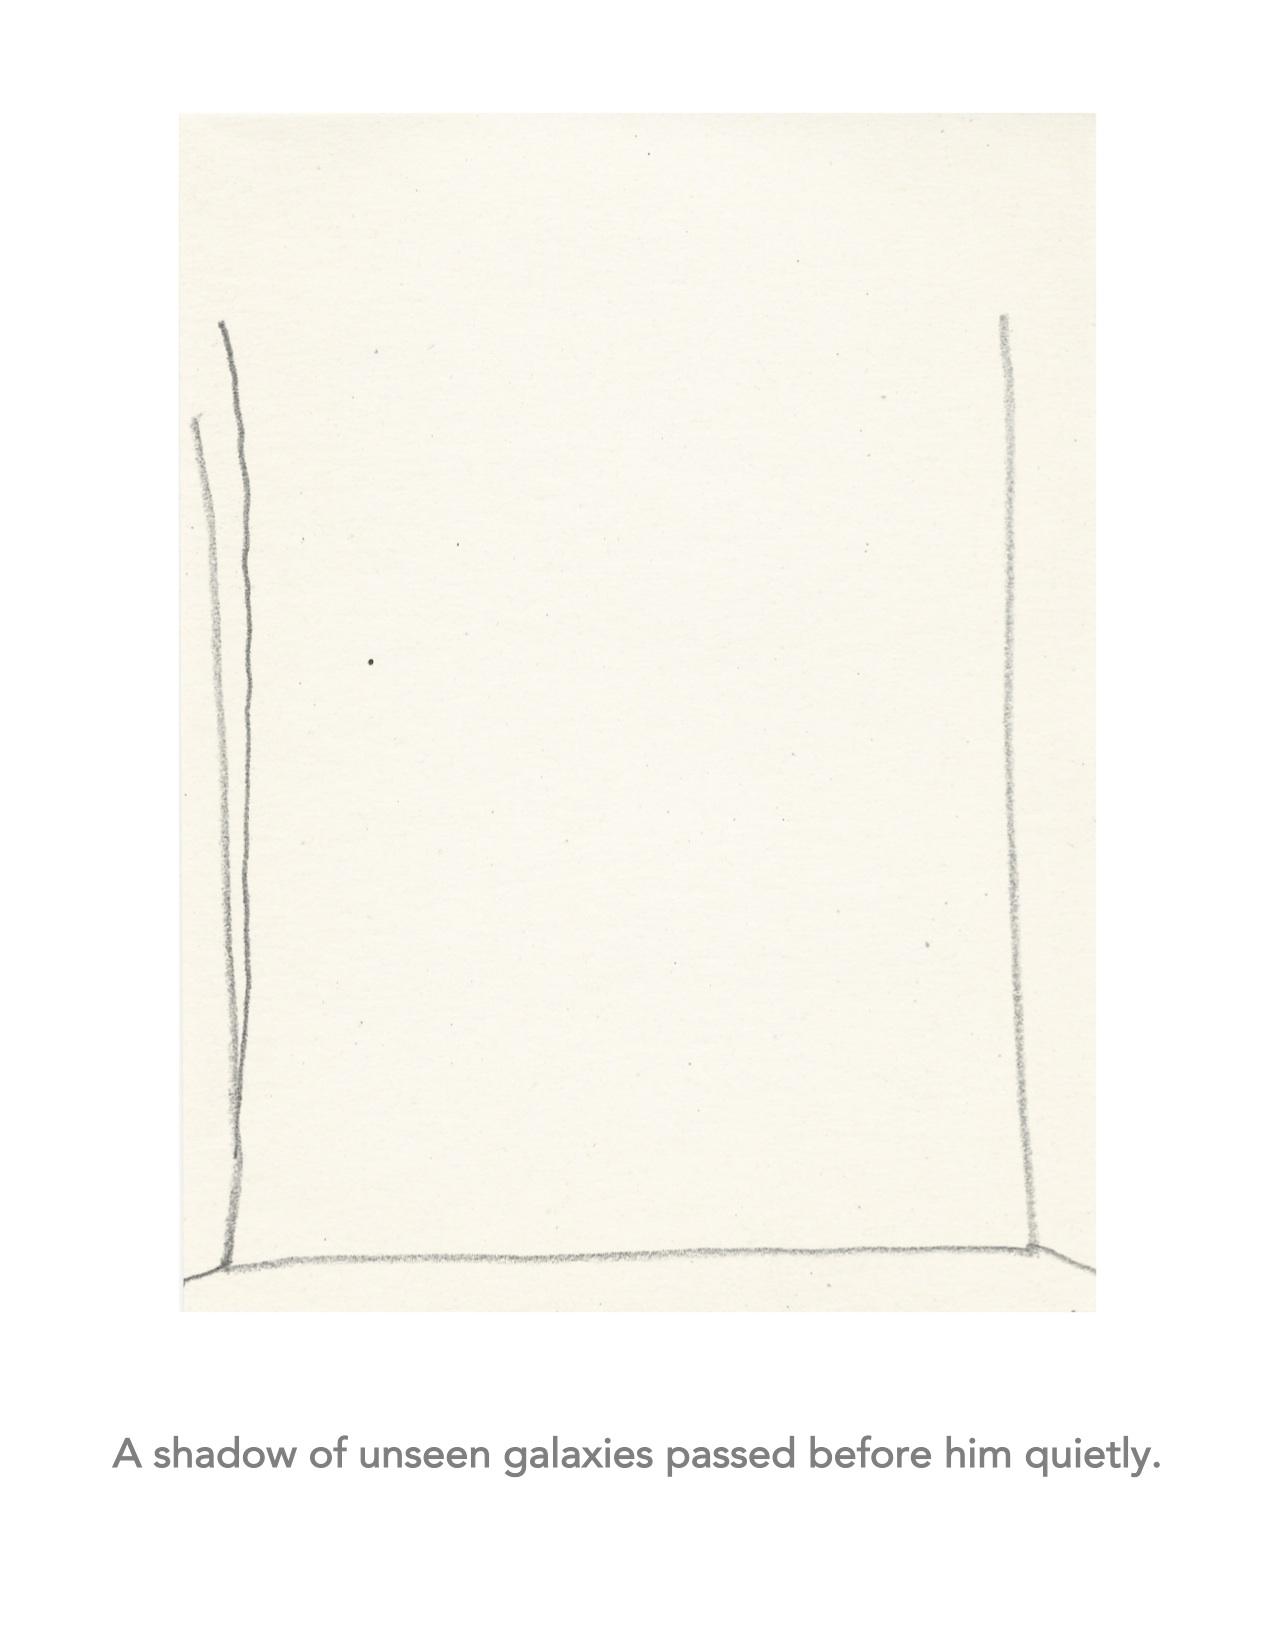 Einstein's Mind Chapter 1 Page 14 (031714).jpg